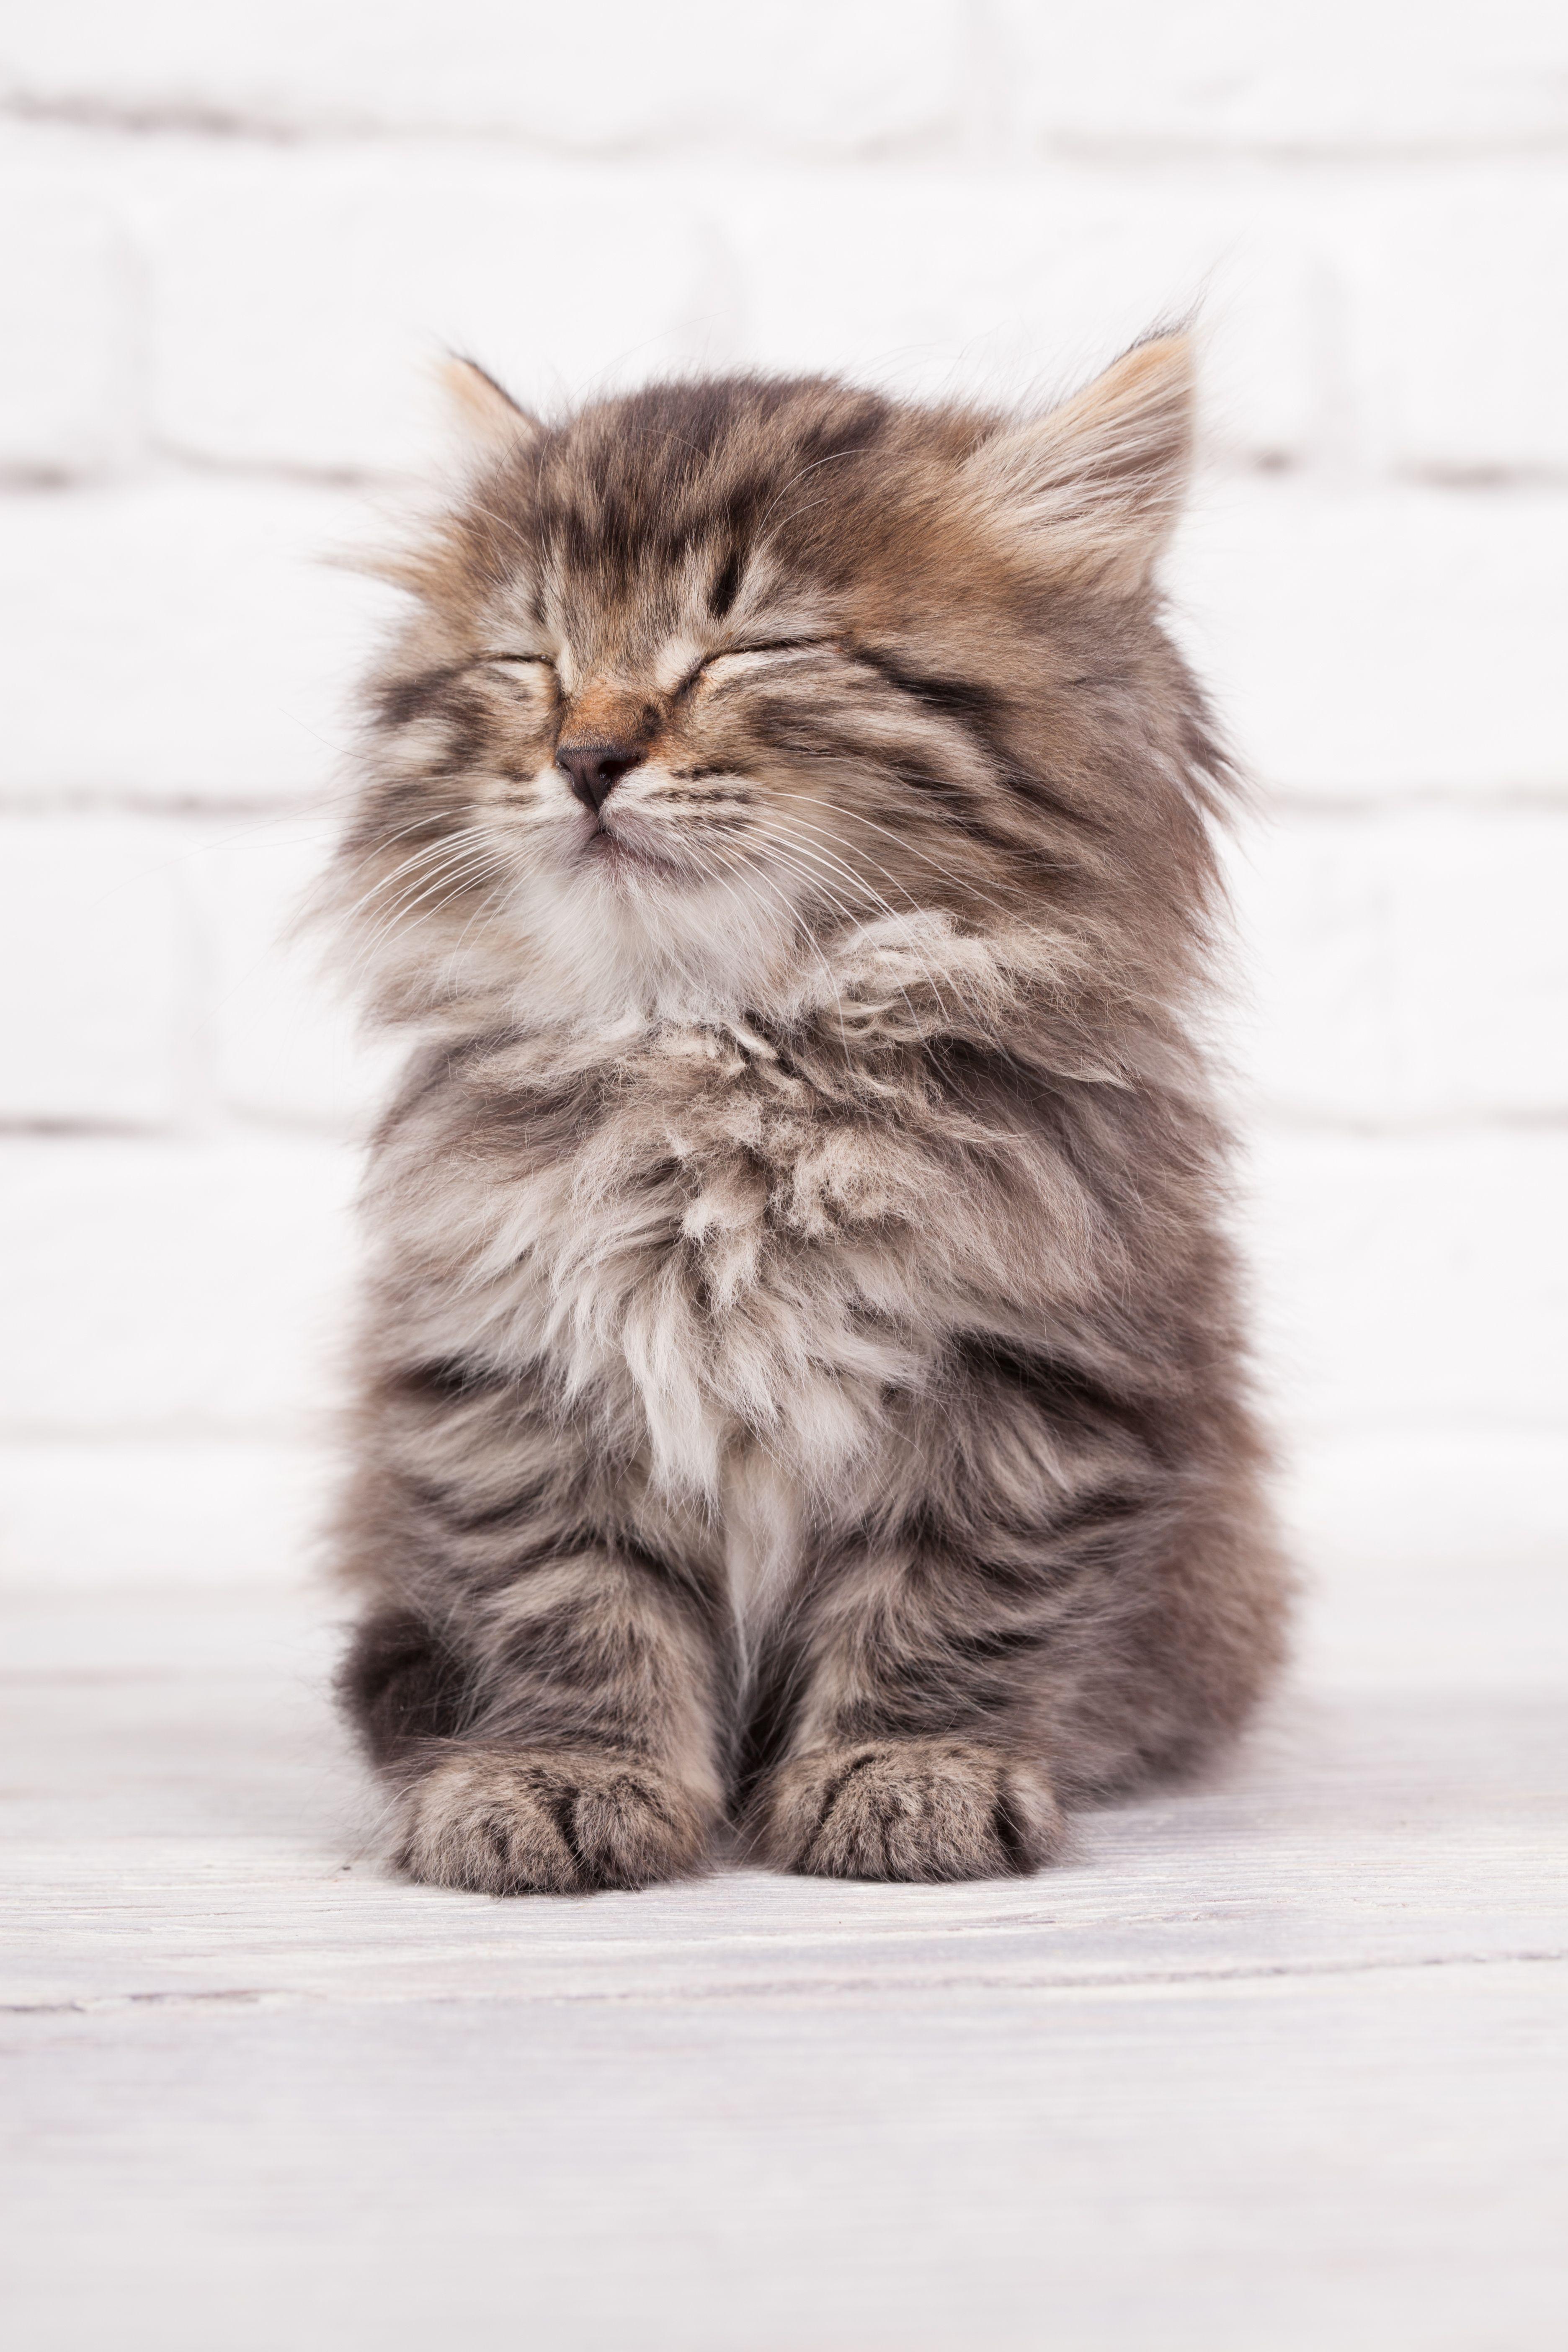 Very Cute Fluffy Kitten Cat Kitten Cute Beautifulcat In 2020 Kittens Cutest Cute Fluffy Kittens Kittens Cutest Baby